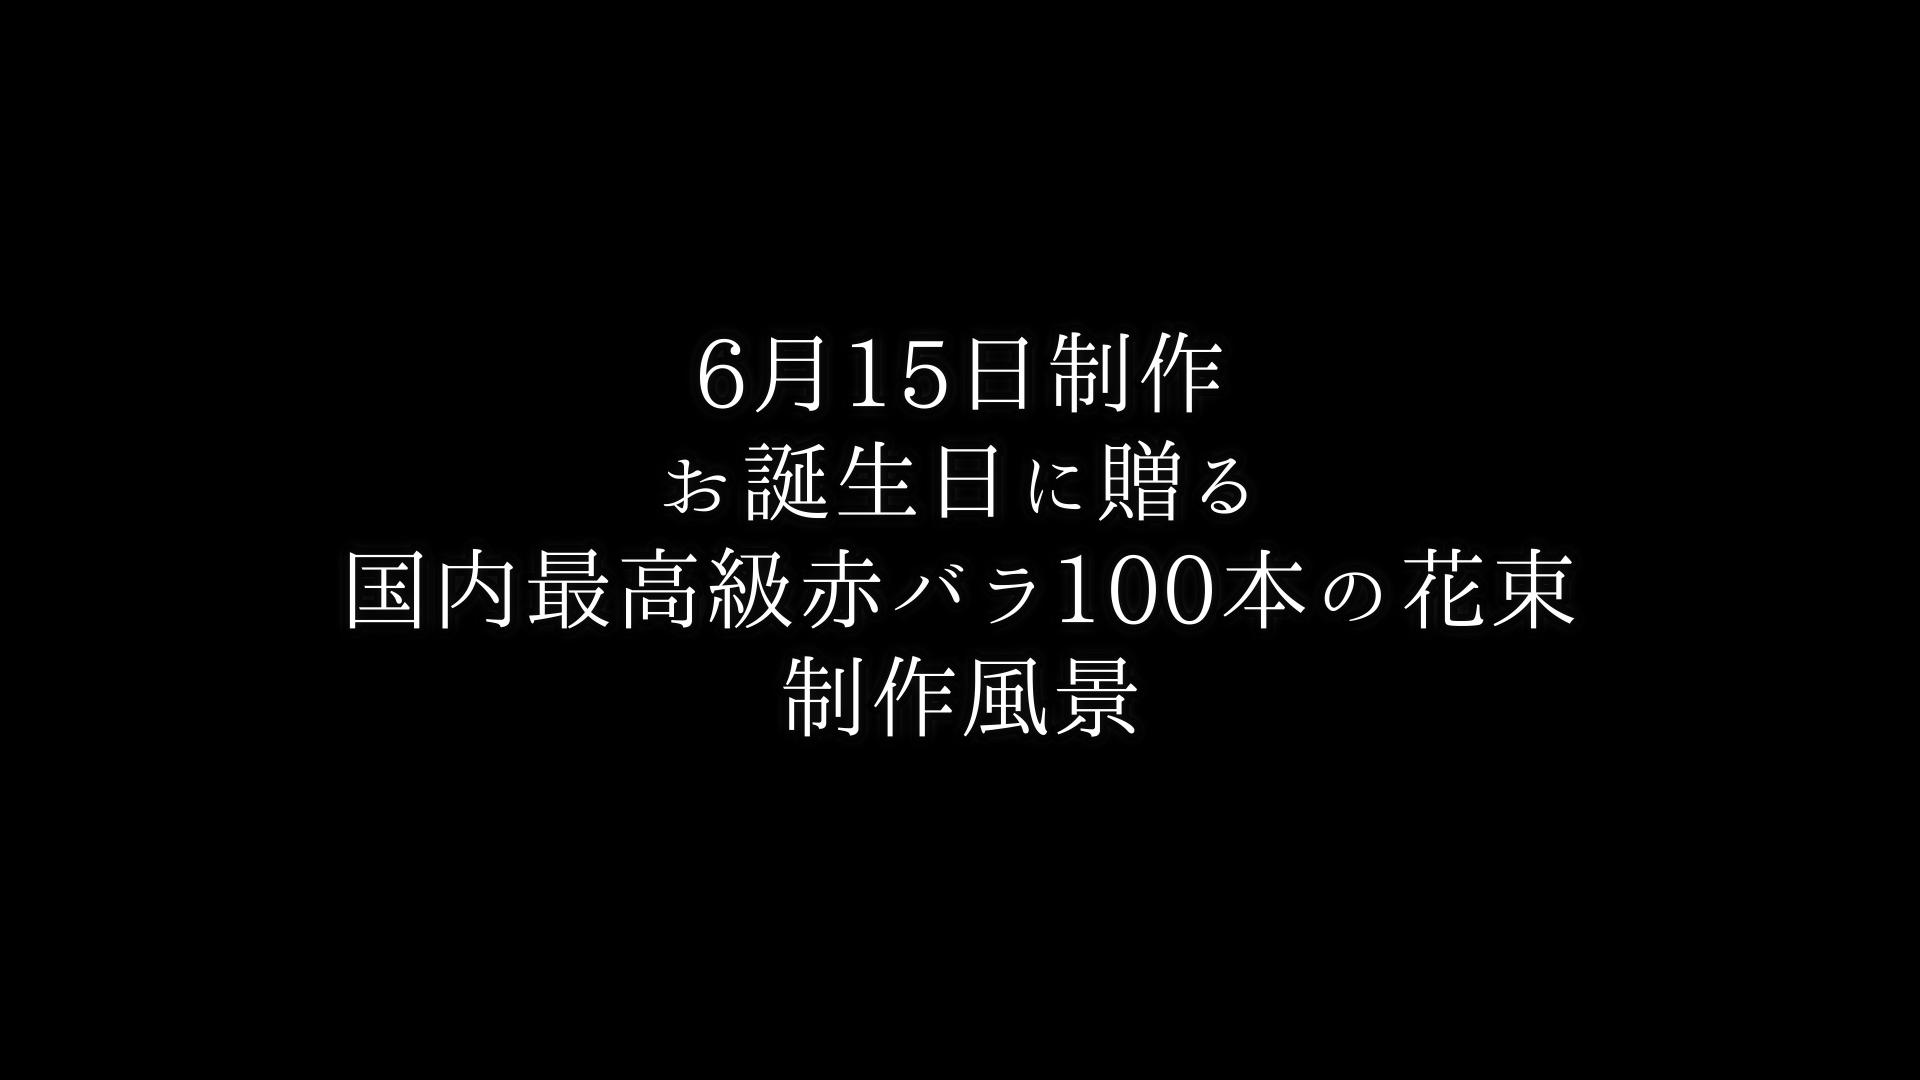 お誕生日に贈る・最高級赤バラ100本の花束制作動画【2021/06/15撮影】